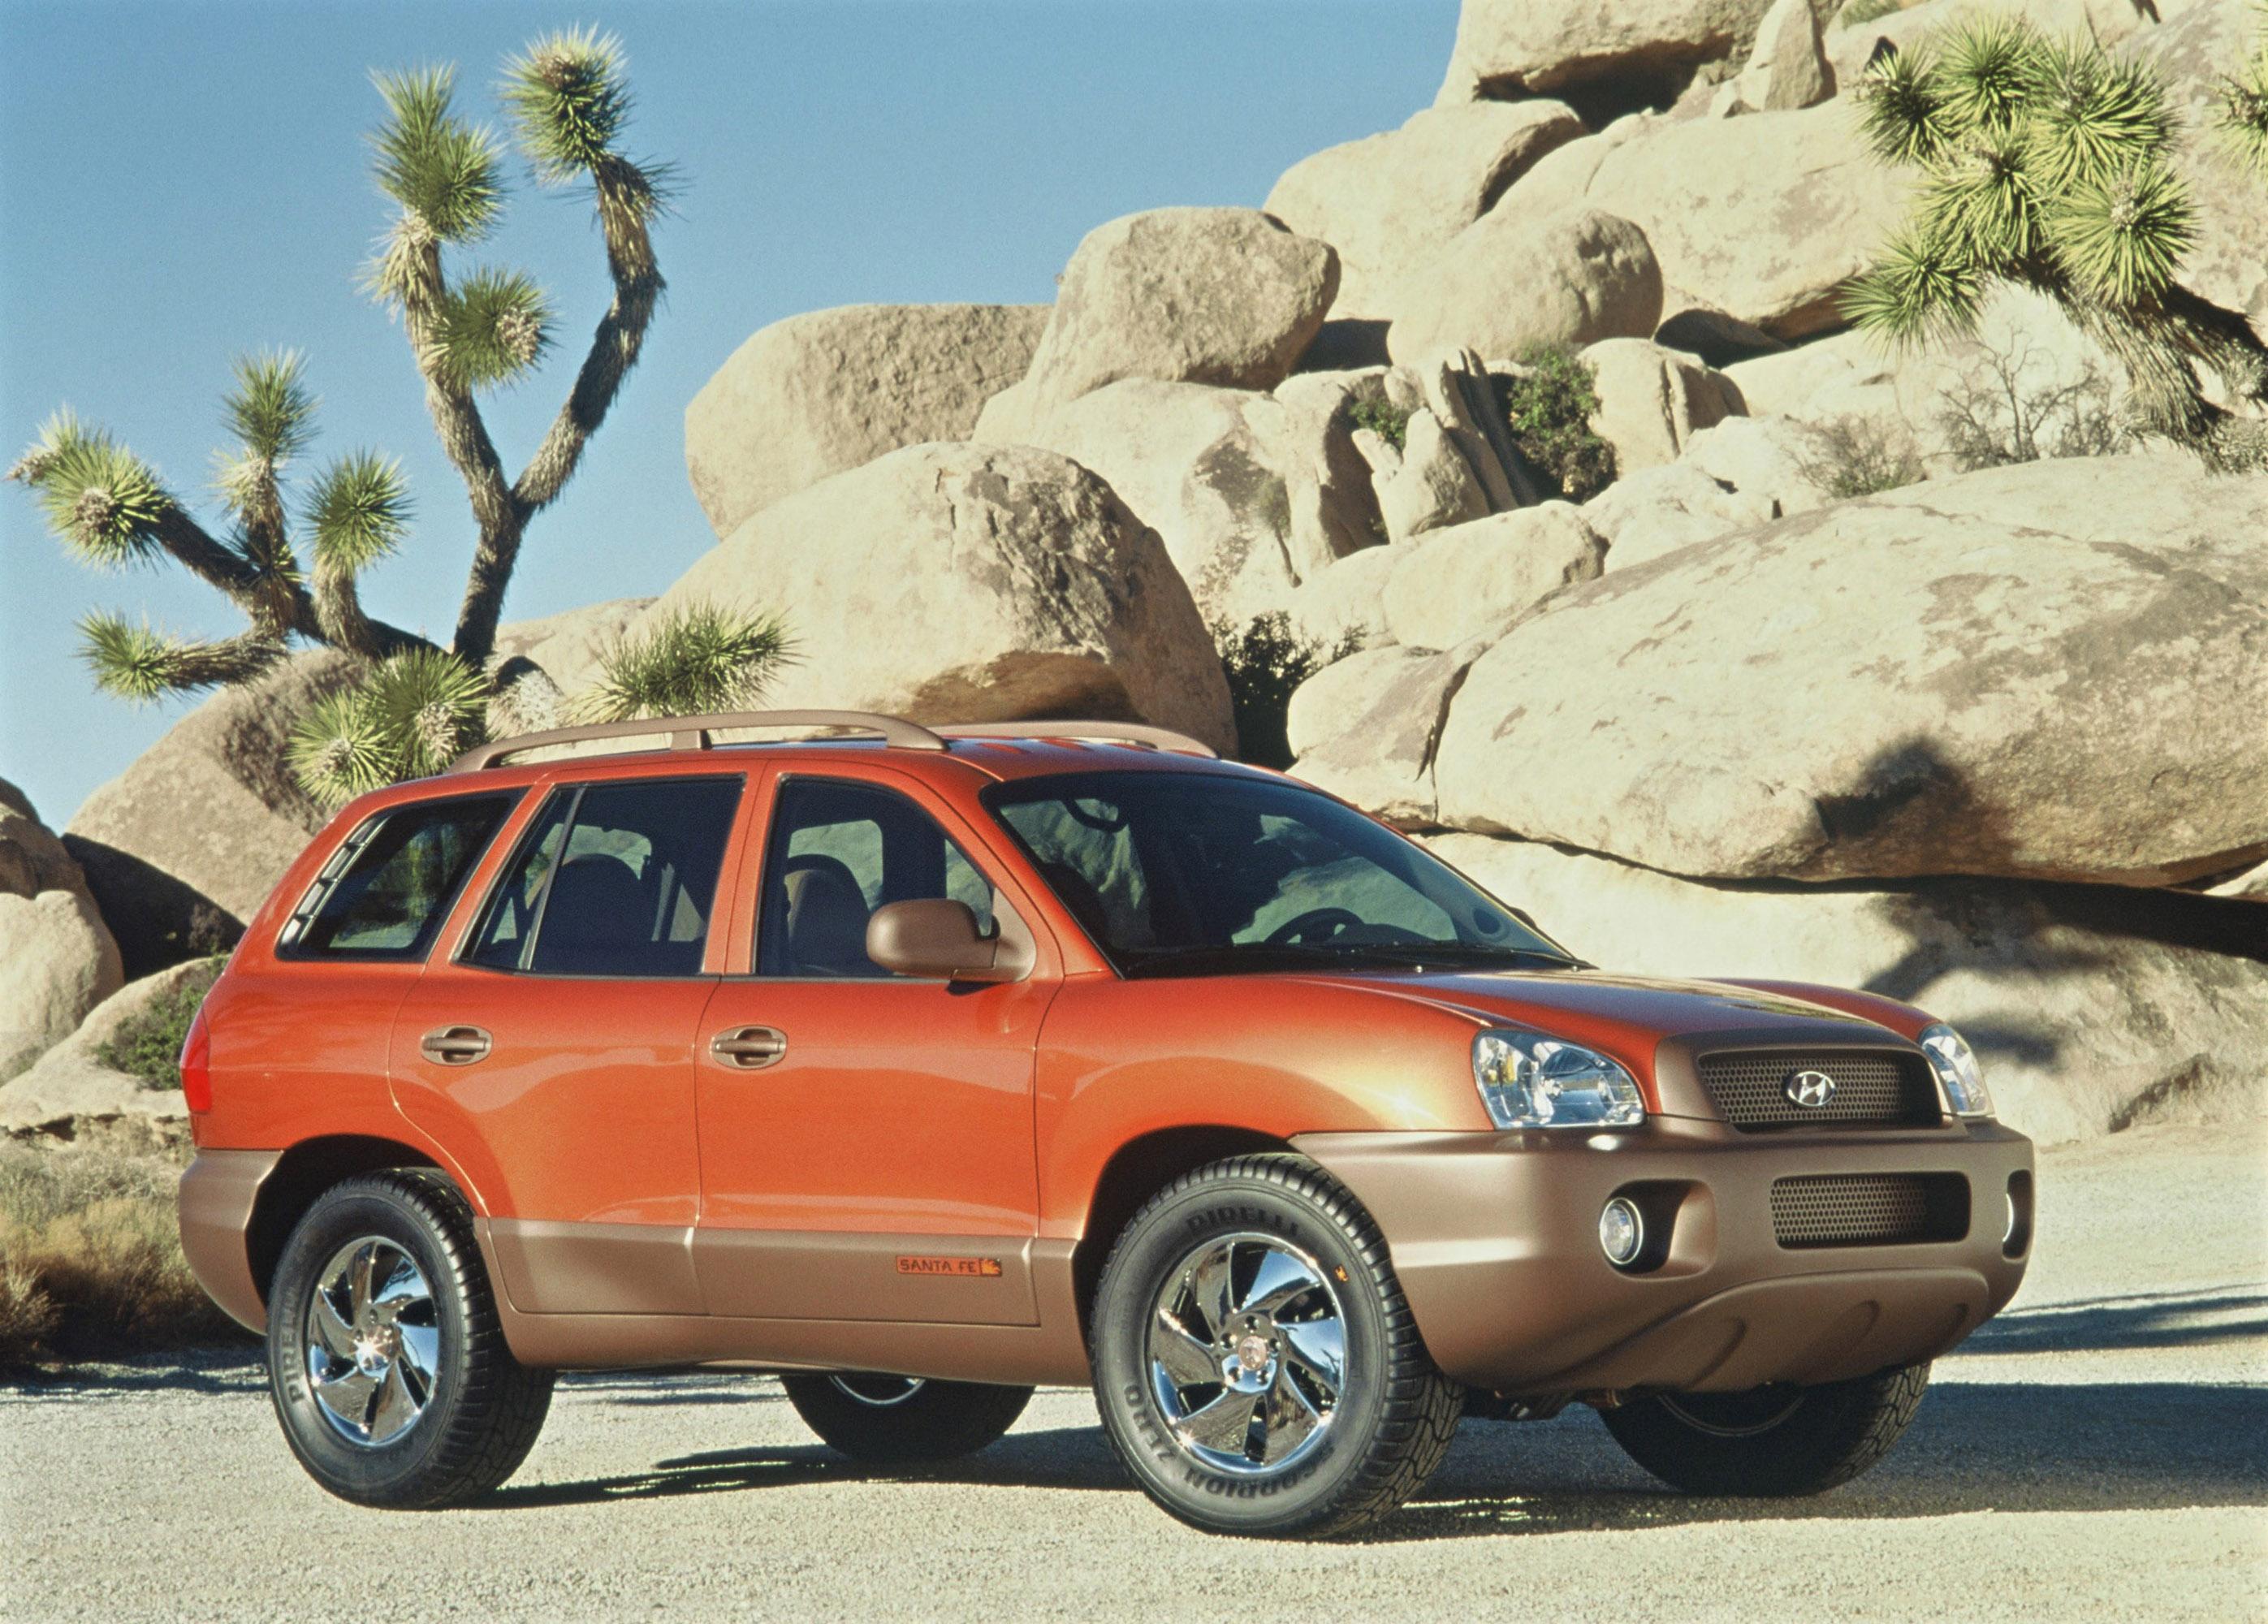 Hyundai Santa Fe Concept photo #1